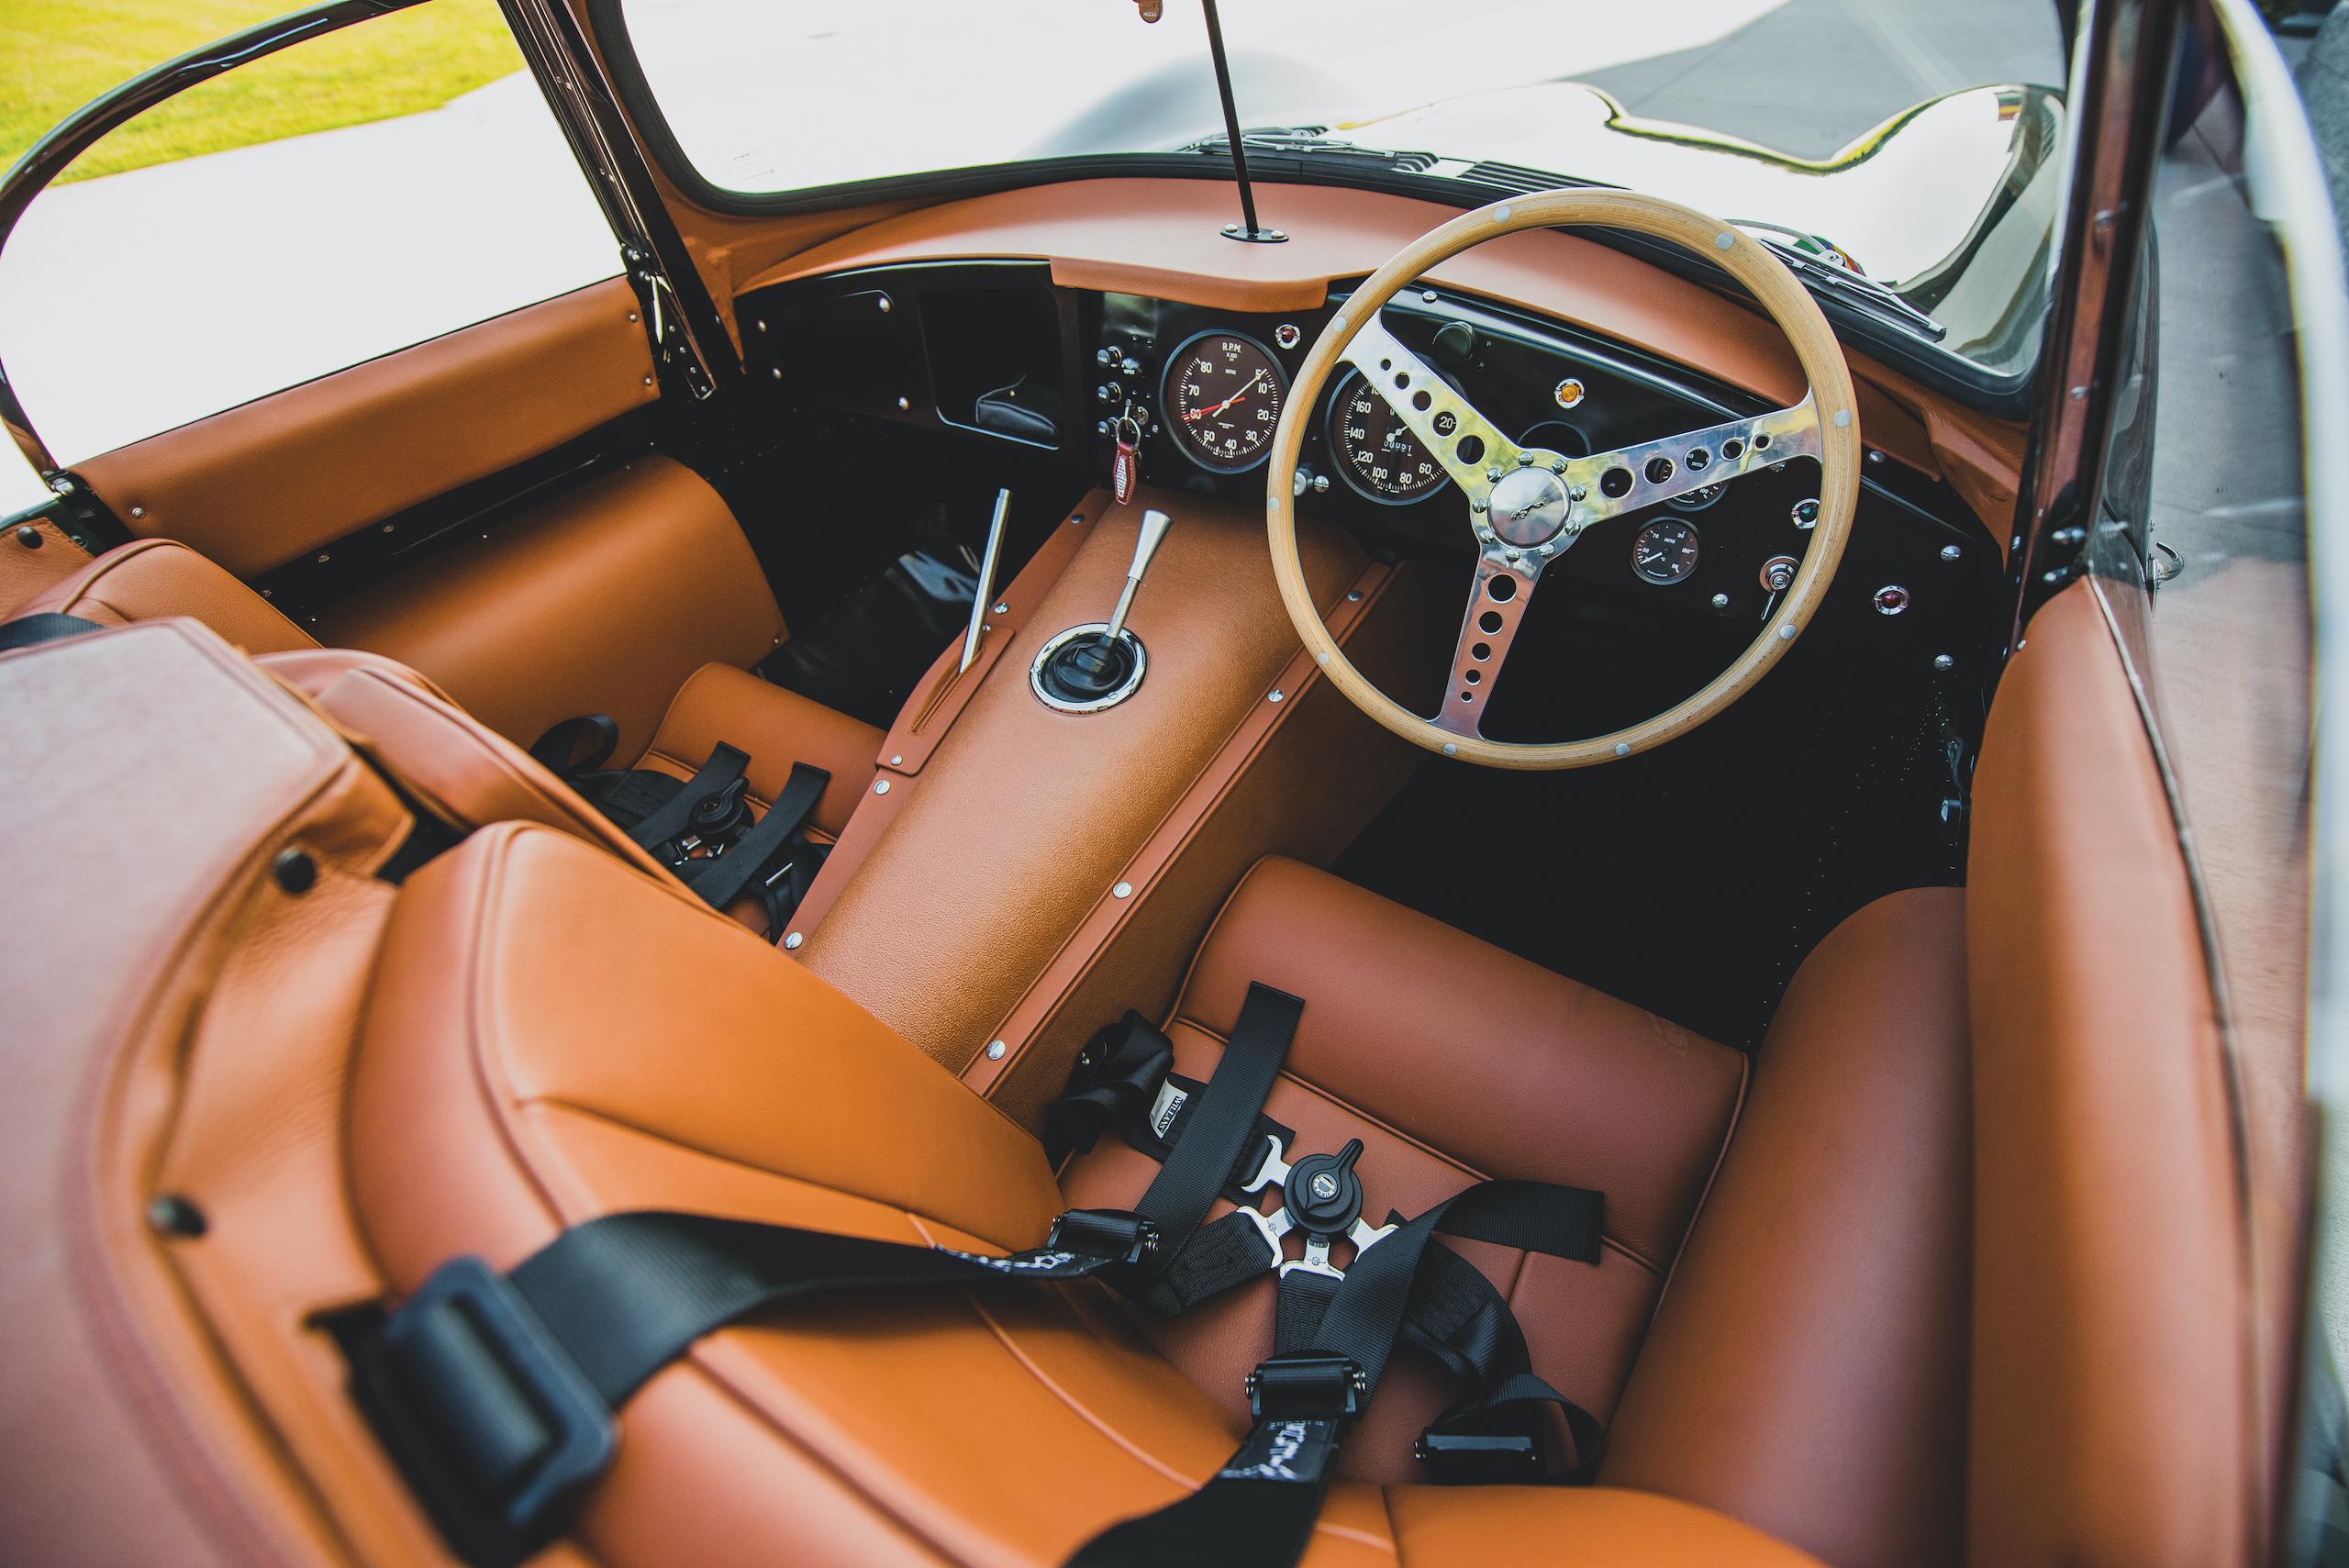 1957 Jag XKSS interior cockpit